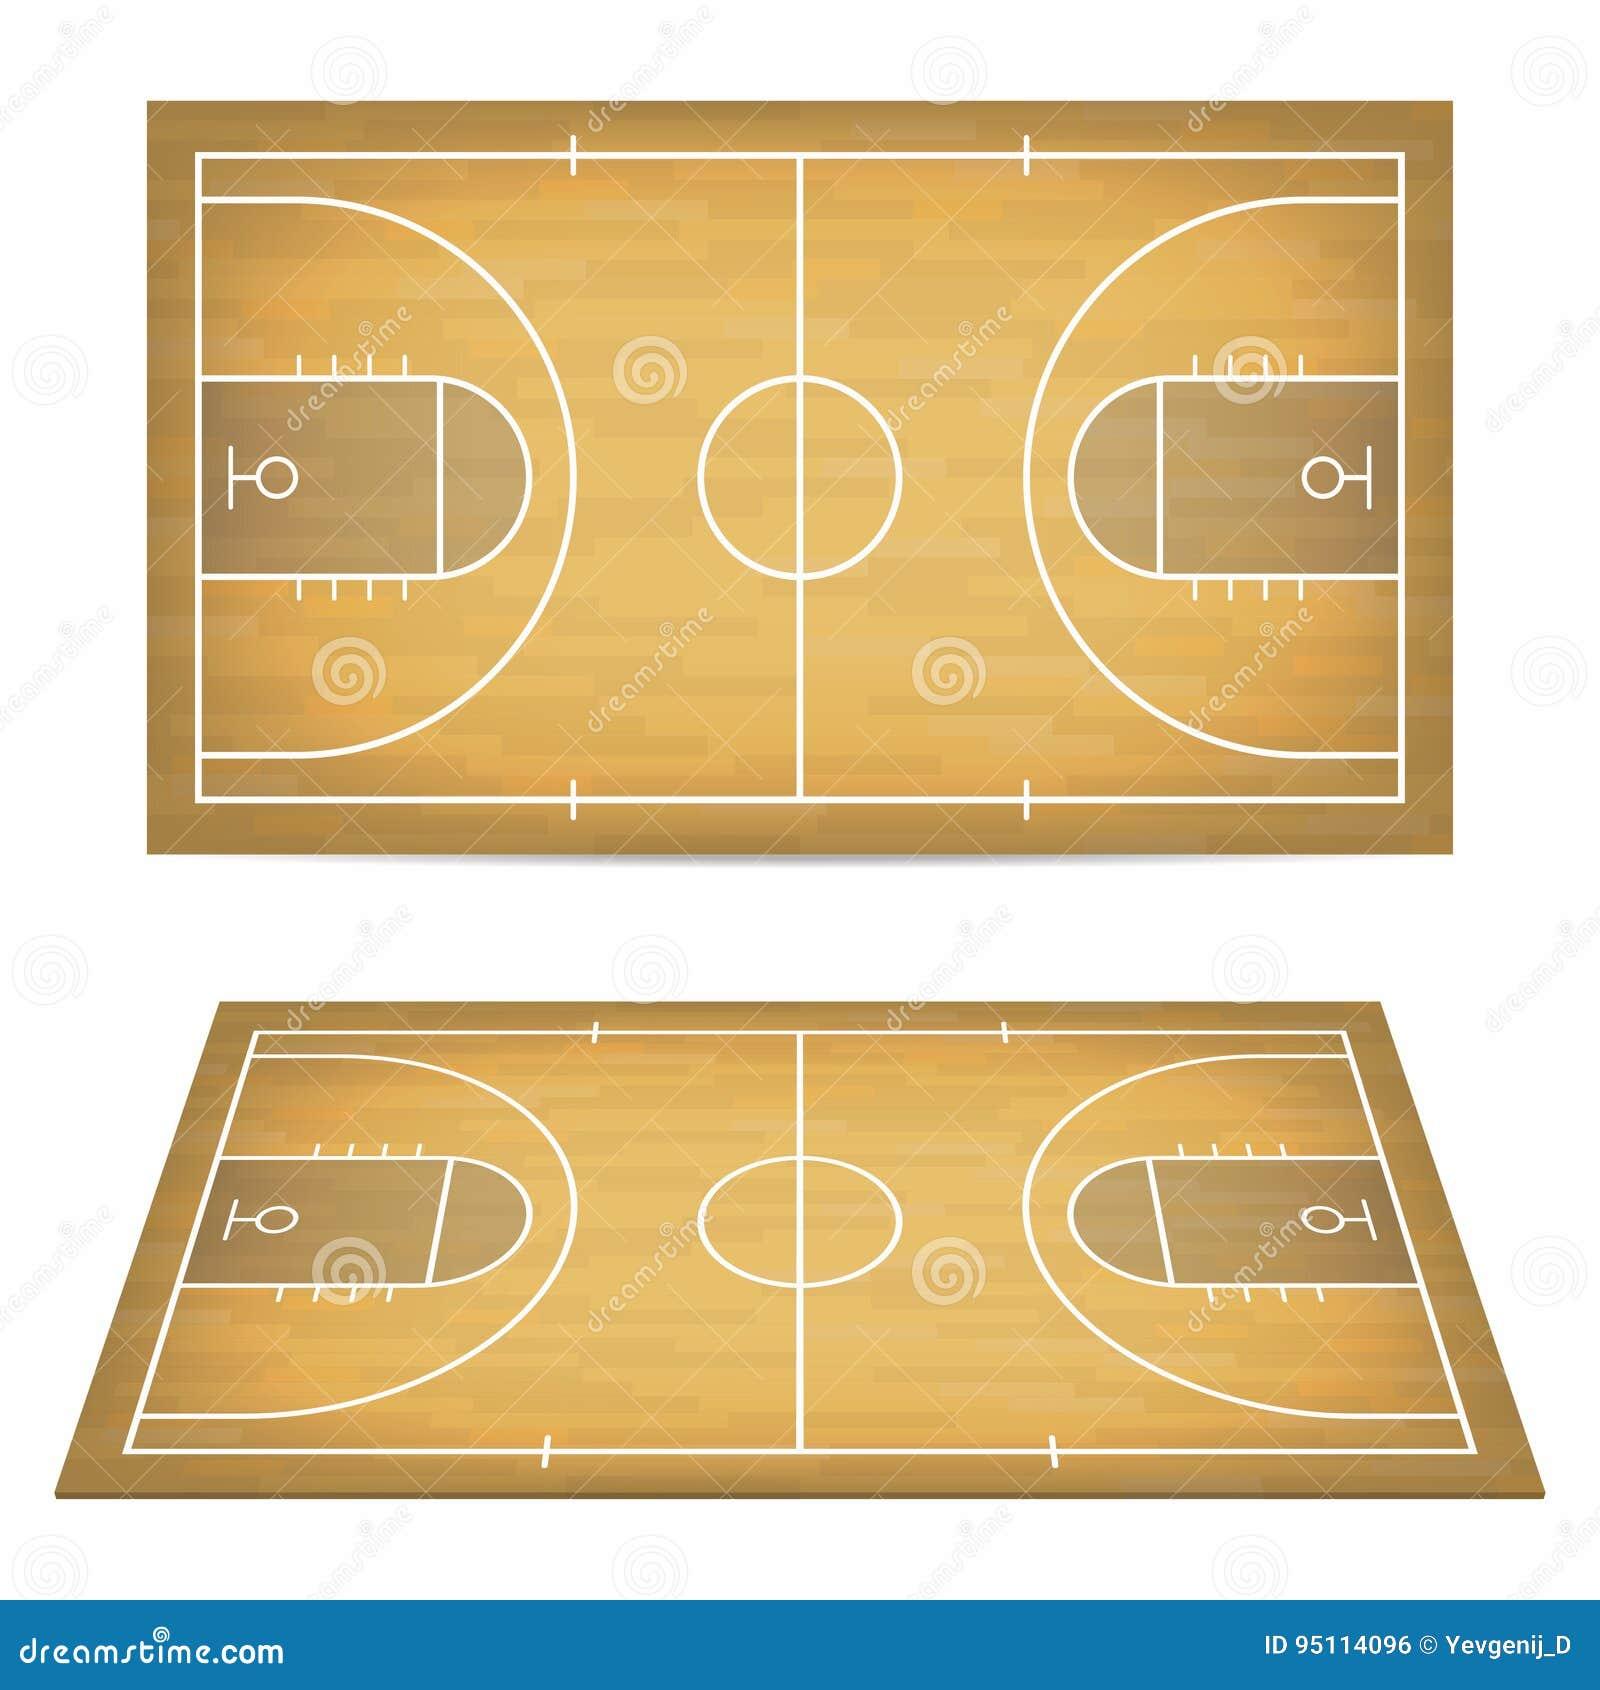 Баскетбольная площадка с деревянным полом Взгляд сверху и перспектива, равновеликий взгляд